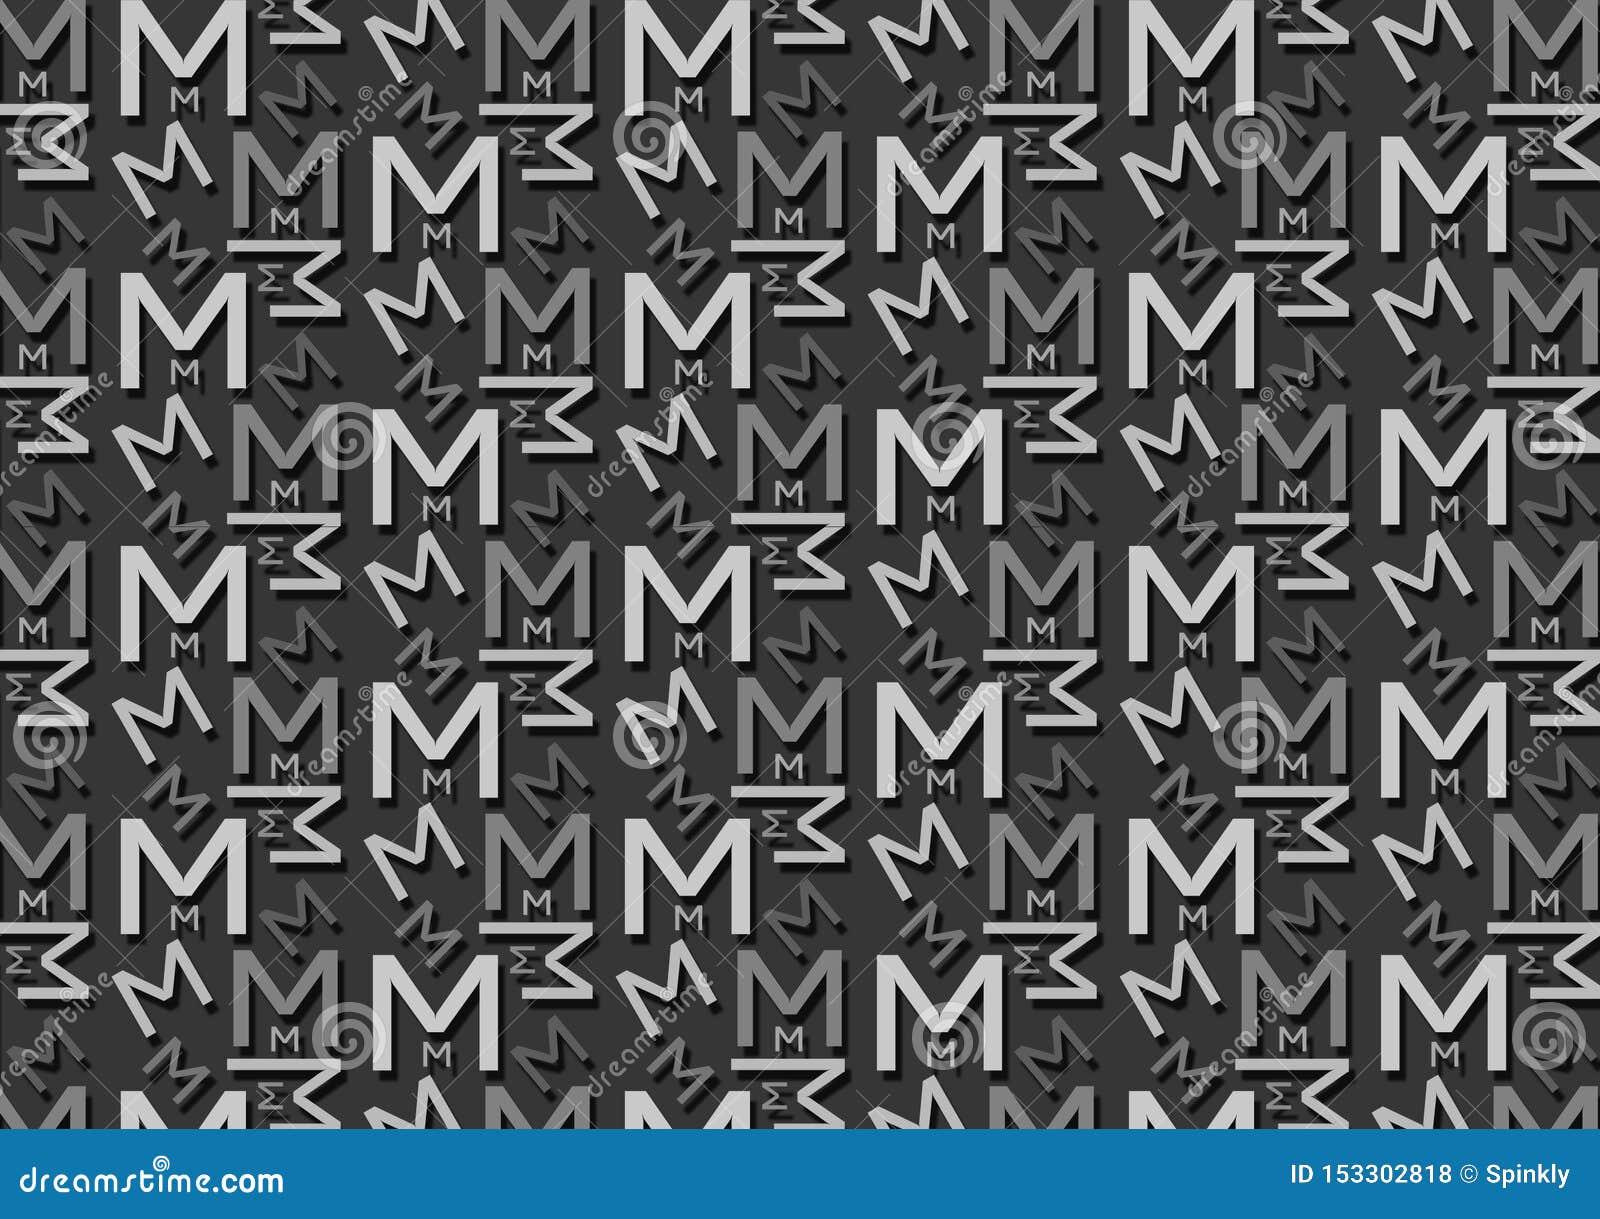 Brievenm patroon in verschillende gekleurde grijze schaduwen voor behang